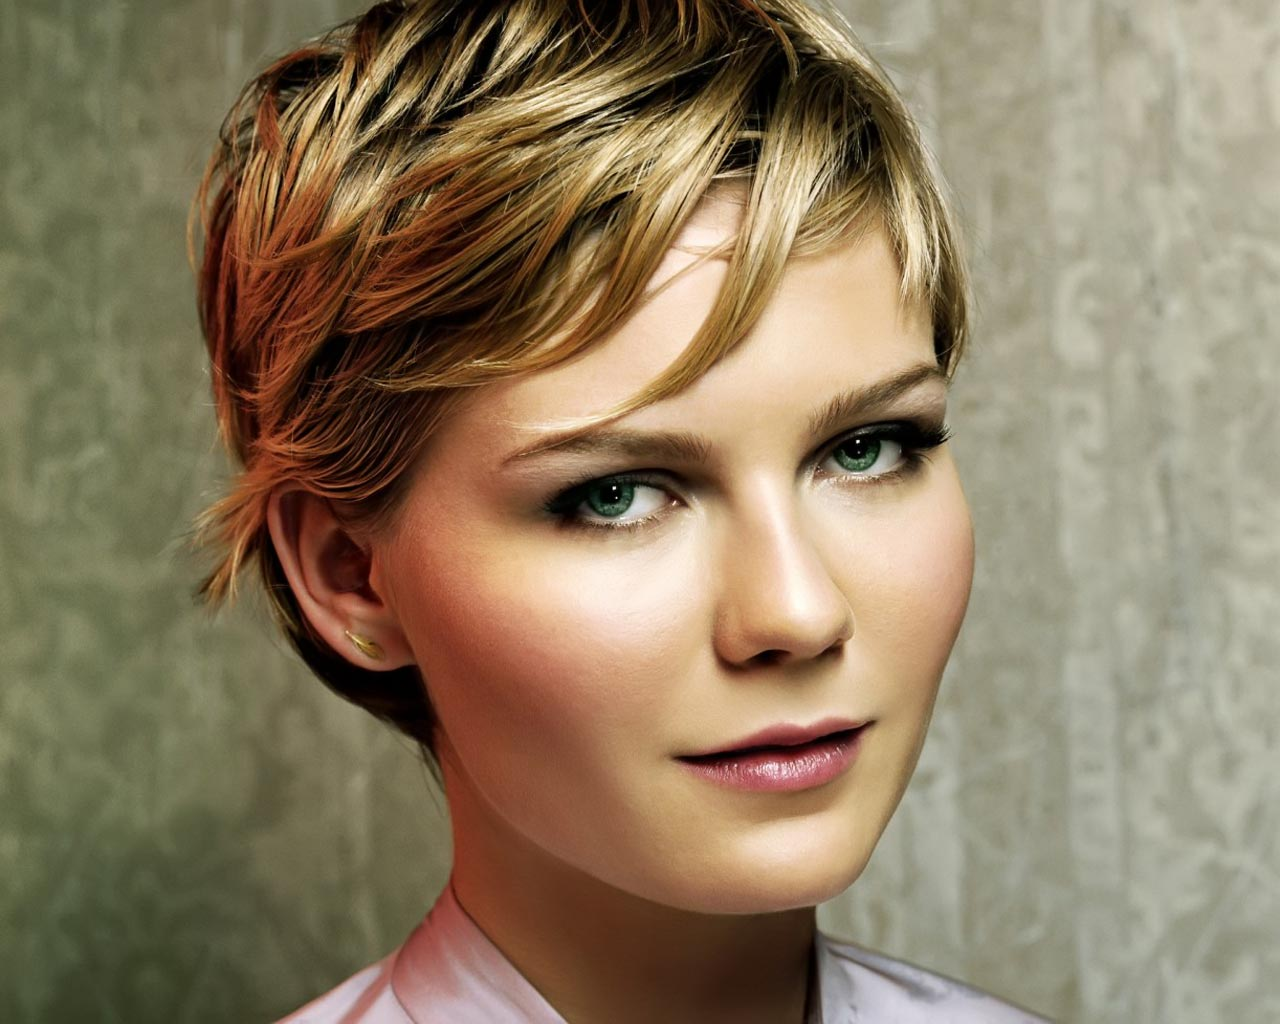 http://2.bp.blogspot.com/-arN1UCy7uf0/Tq1ZRFHojKI/AAAAAAAACQ8/bRLKeude9v0/s1600/Kirsten-Dunst-short-haircut.jpg